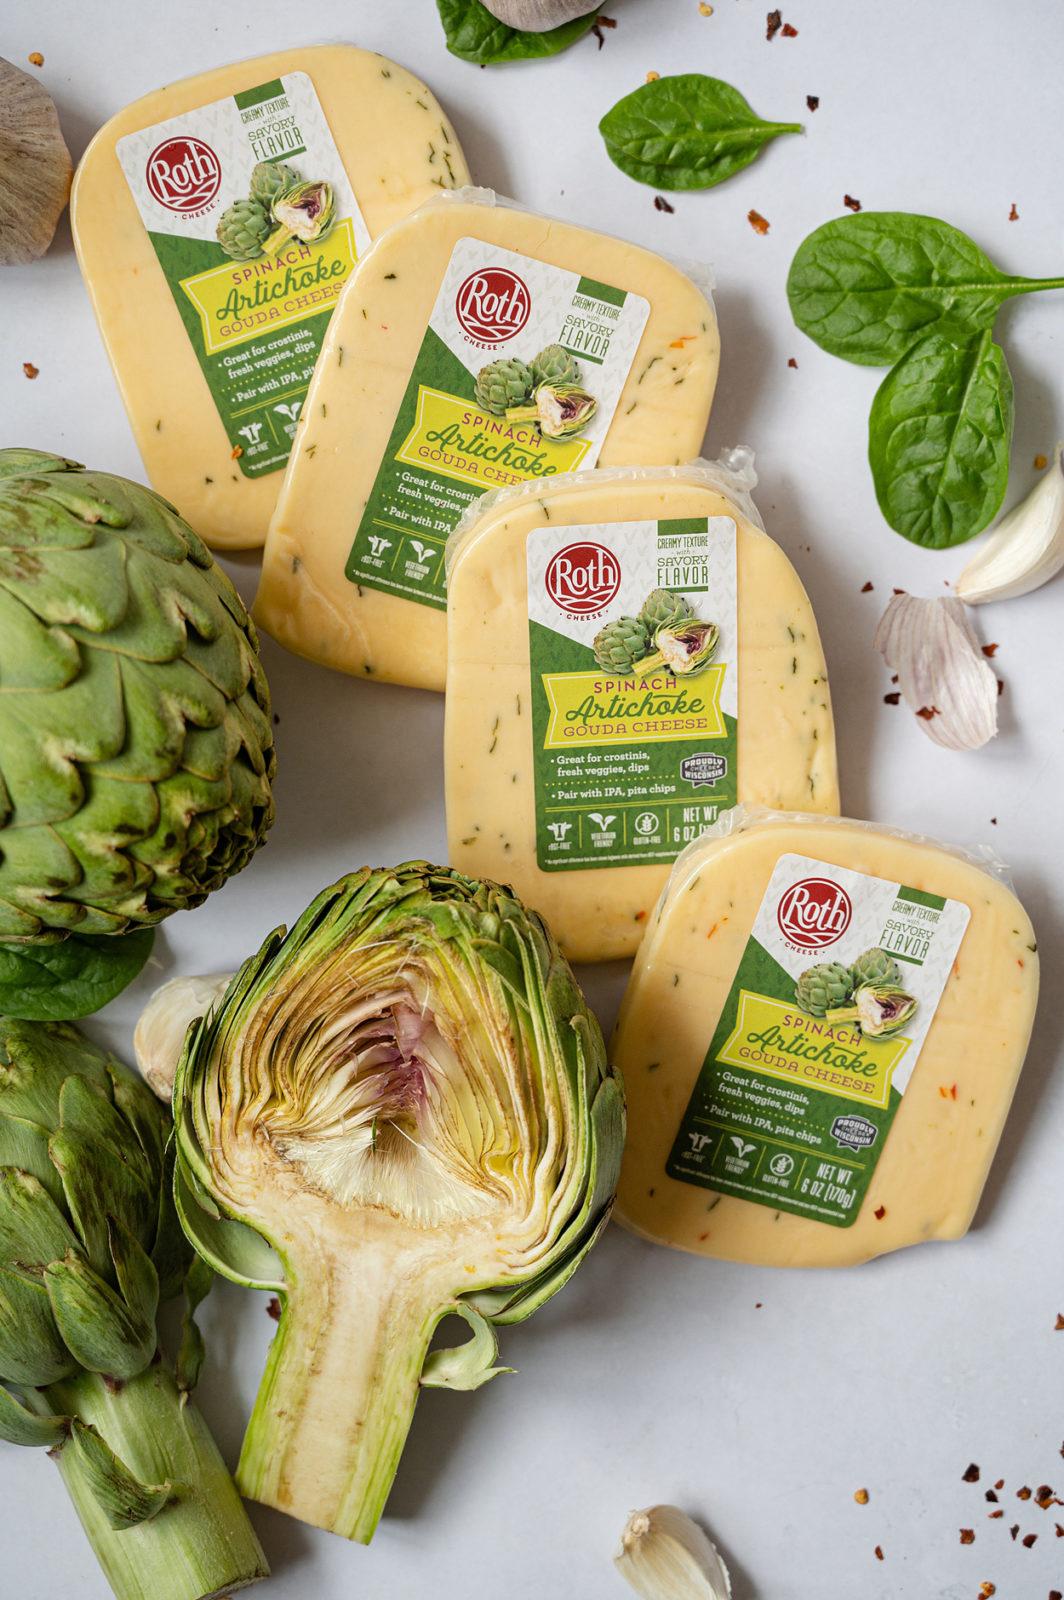 Roth Spinach Artichoke Gouda cheese